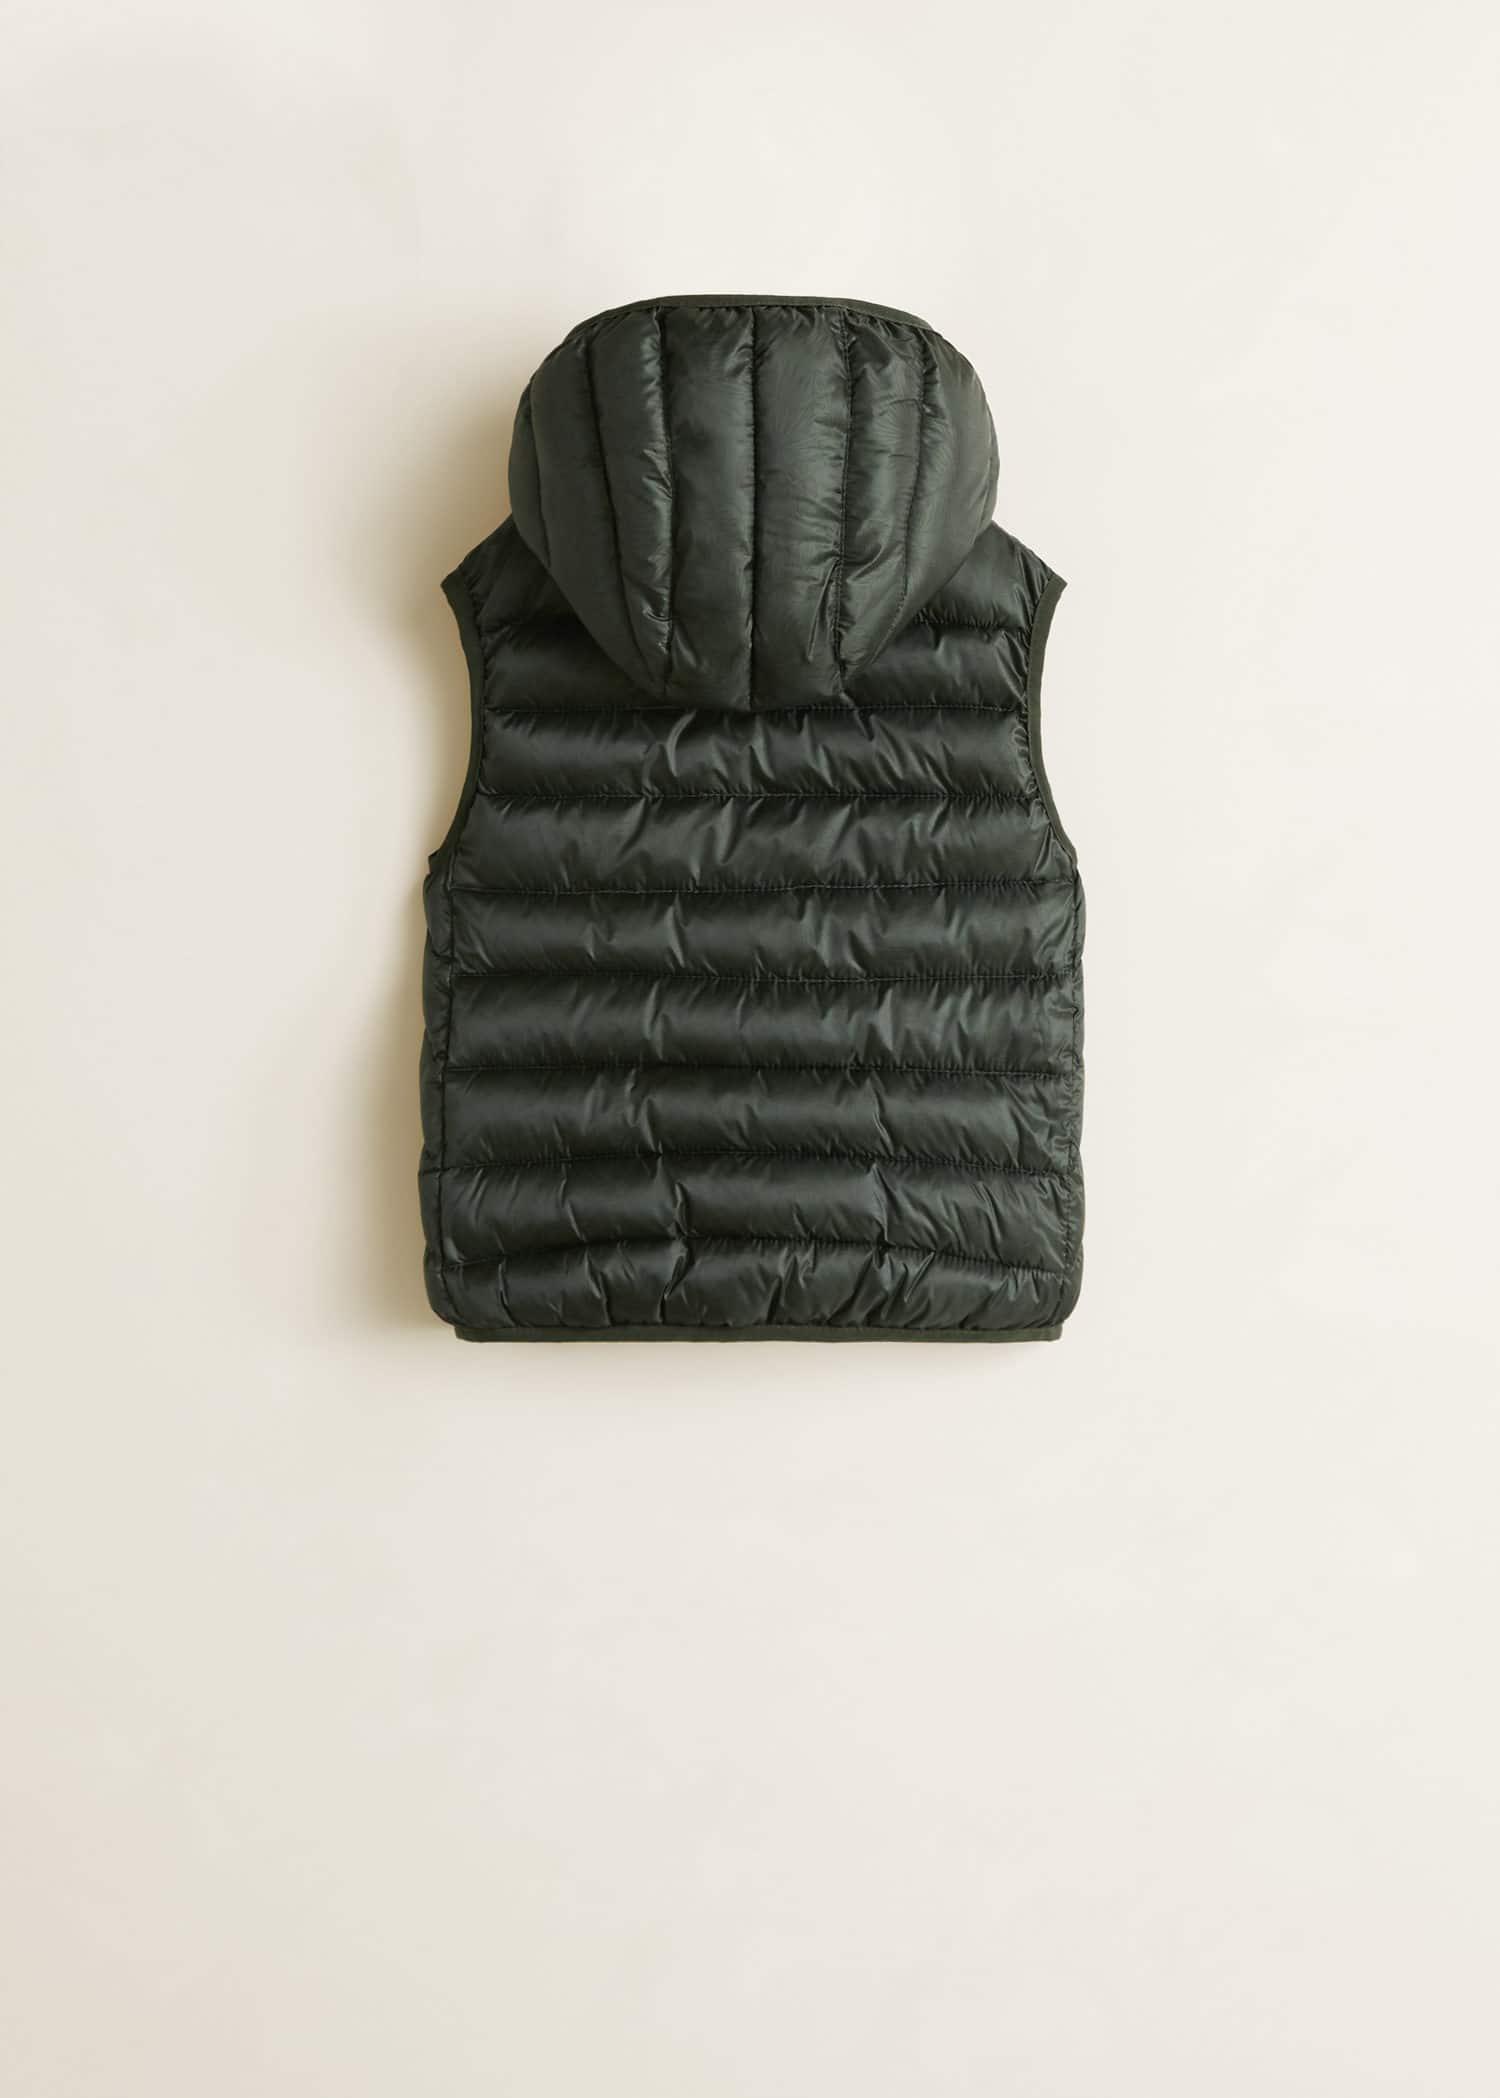 Homme Gilet Gilet Matelassé À Capuche Max Edition rembourré matelassé veste sans manches